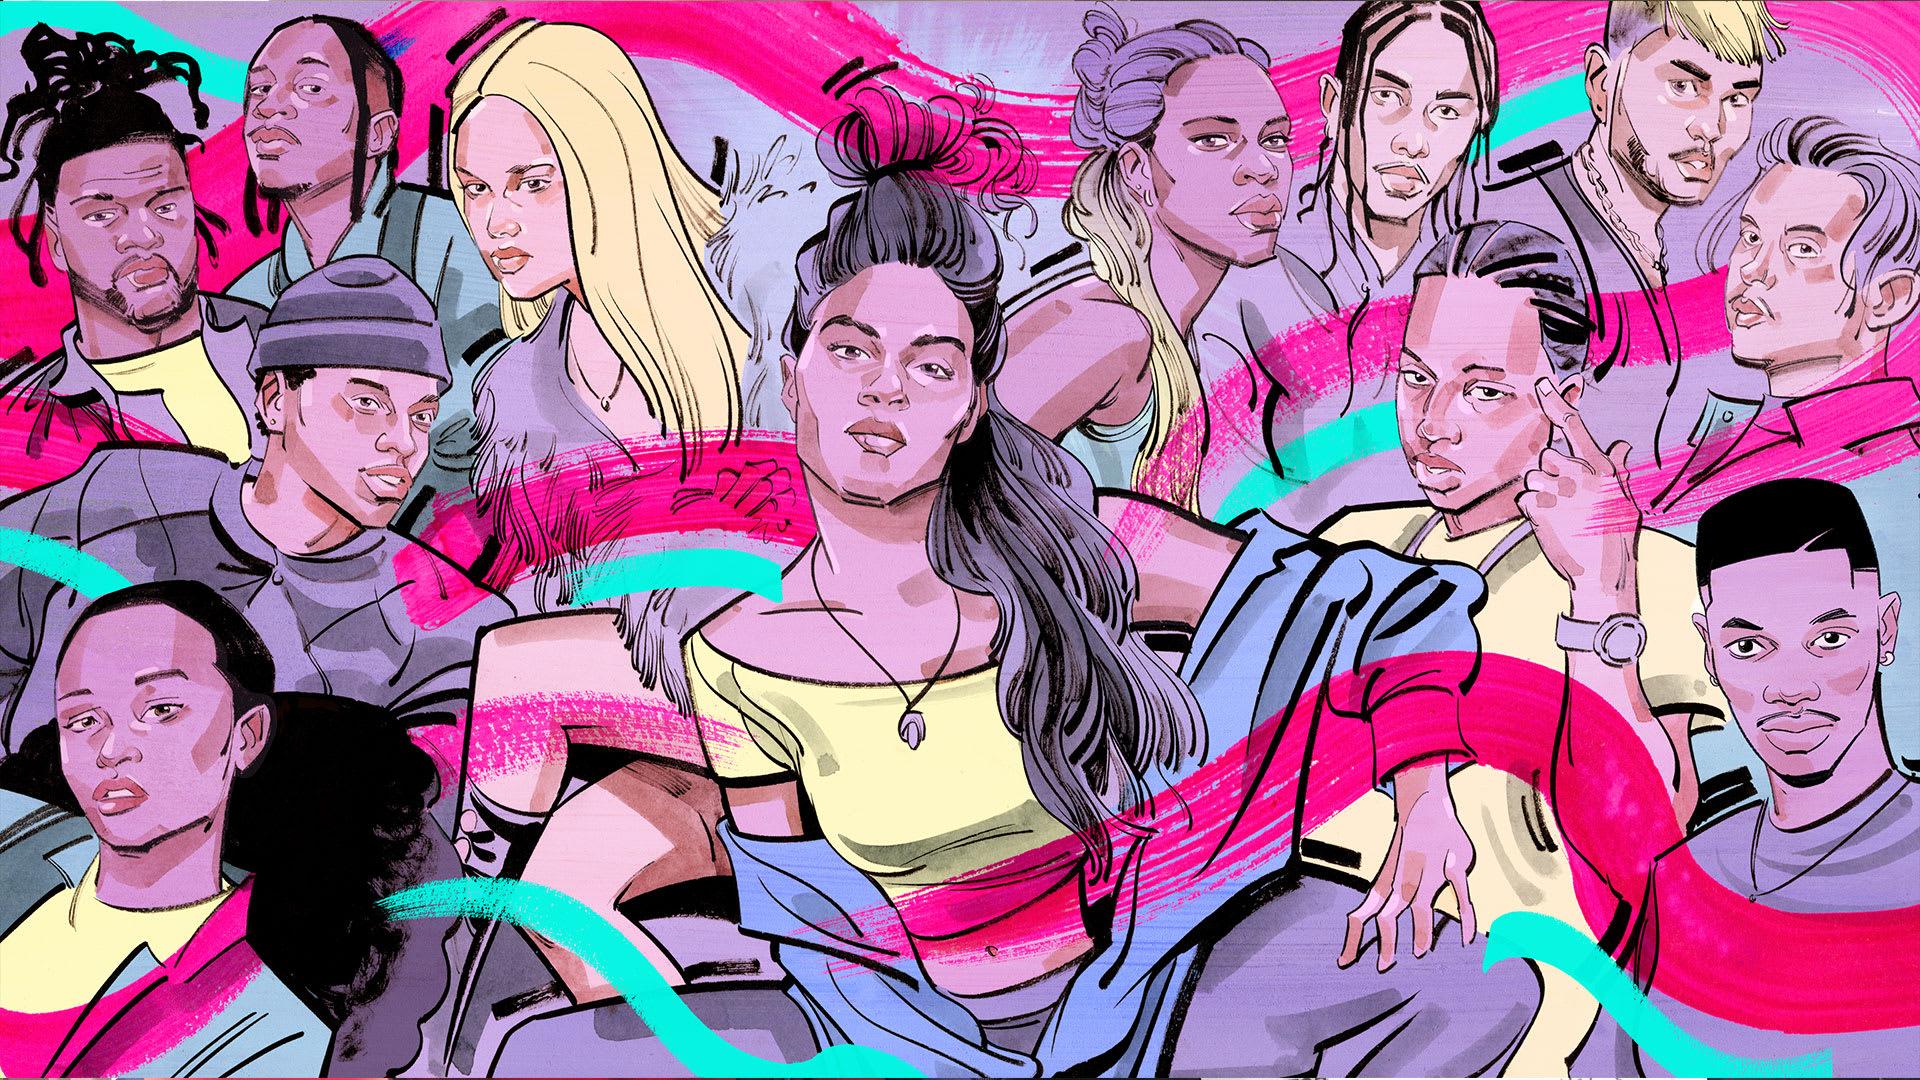 20 cdn artists